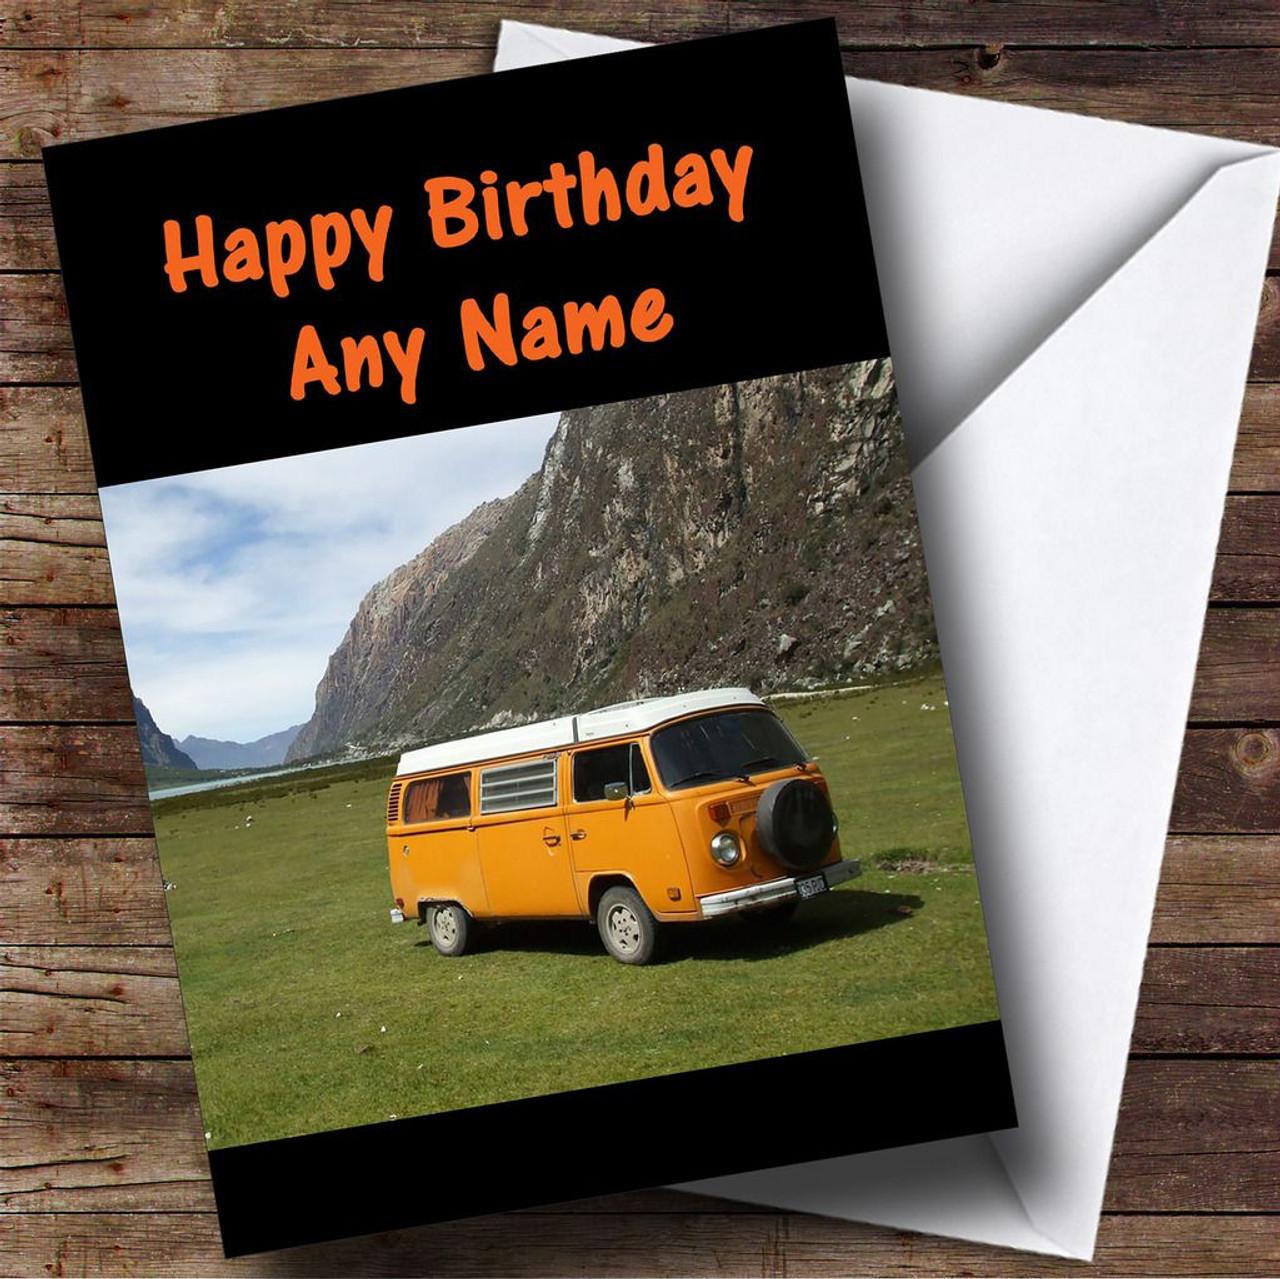 4eedd158b5 Campervan Personalised Birthday Card - The Card Zoo